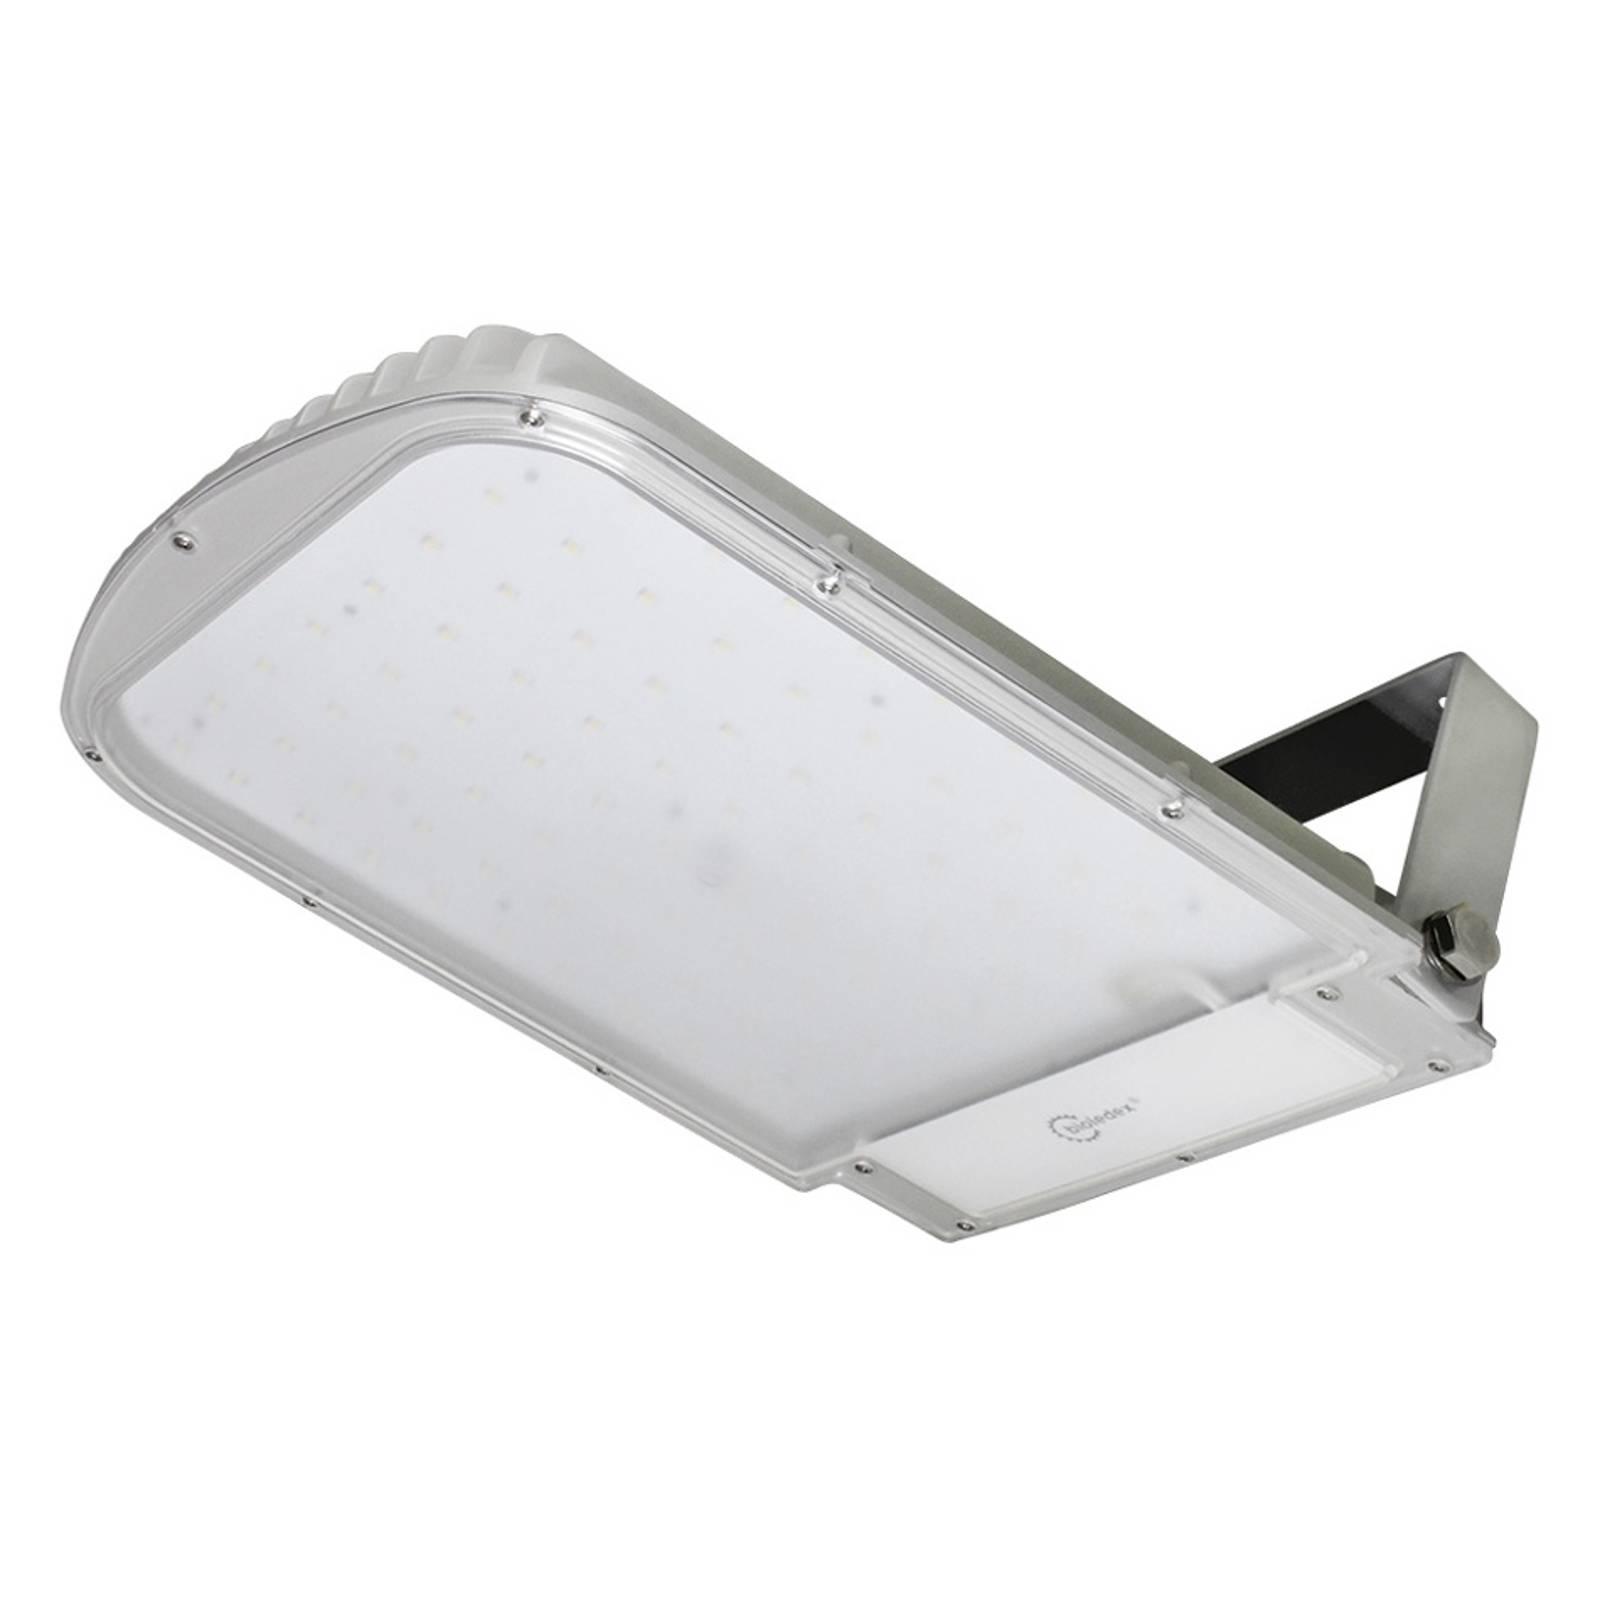 LED-spotti Astir 70W lämmin valkoinen 3 000K 120°